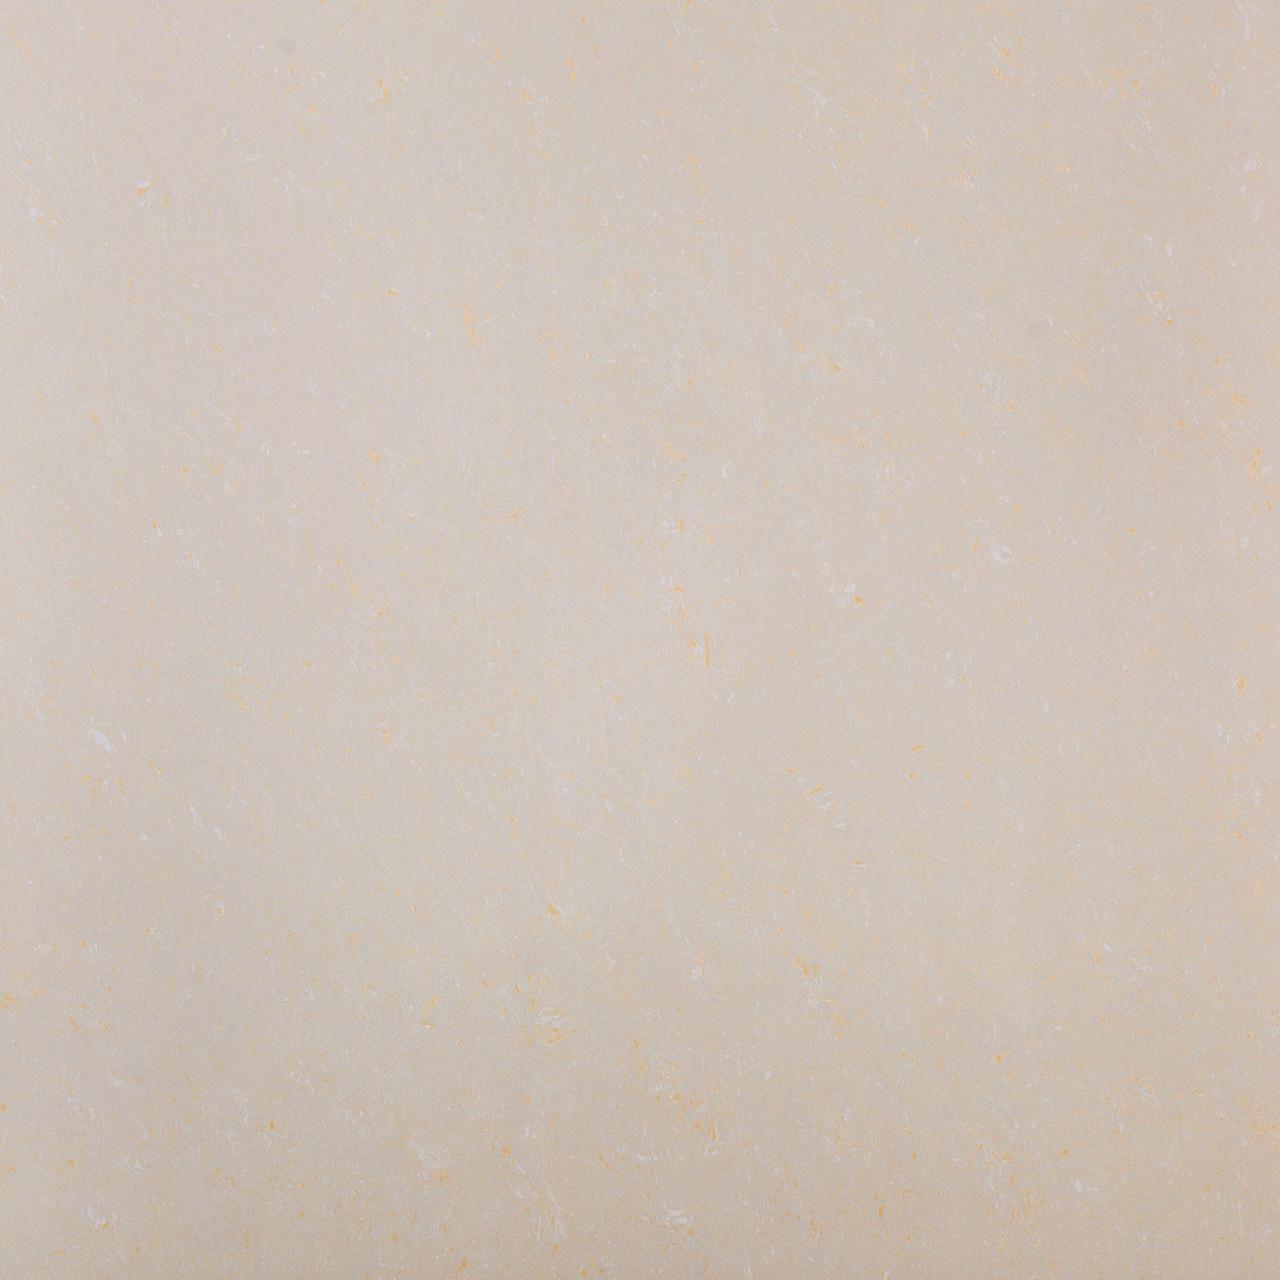 Плитка, китайский  керамогранит микрокристал бежевый, 600х600